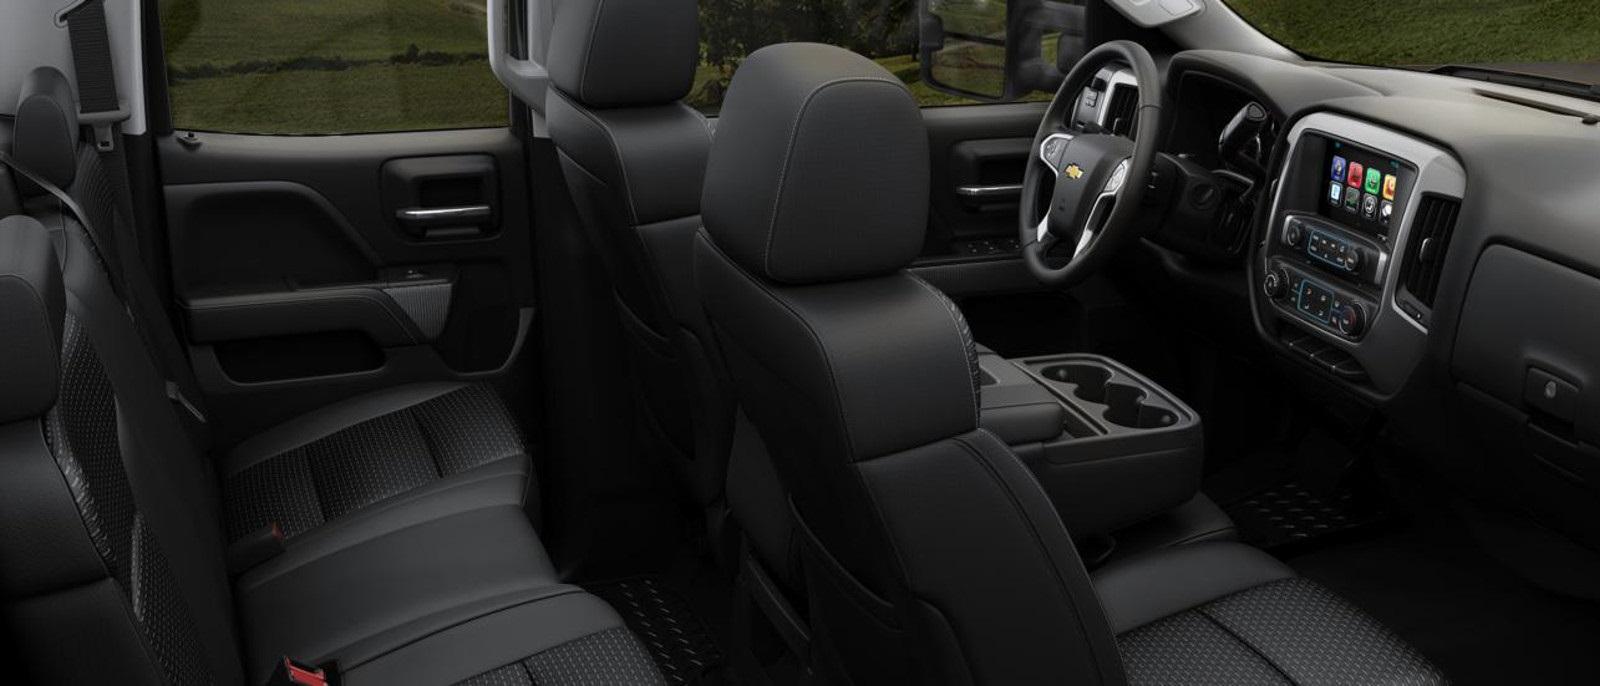 2016 Chevy Silverado 3500HD Seats